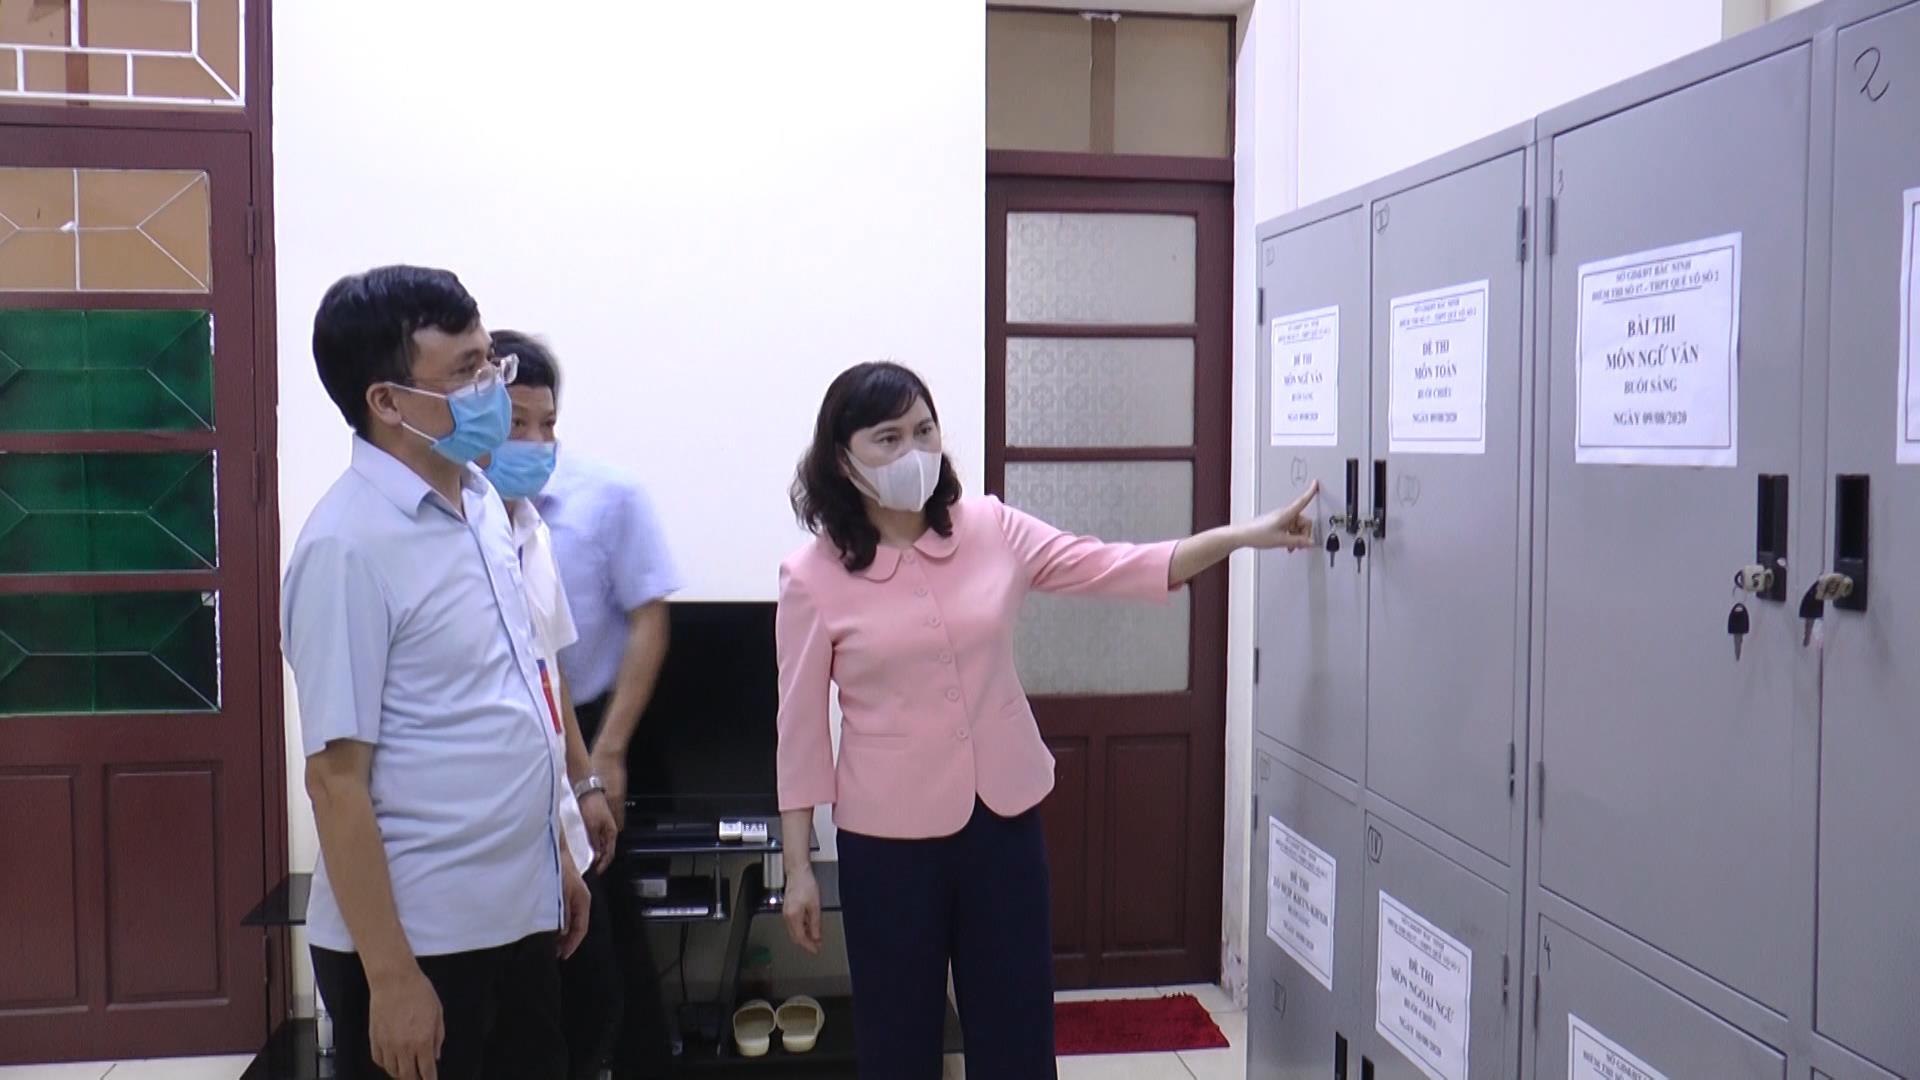 Phó trưởng Đoàn ĐBQH tỉnh Trần Thị Hằng kiểm tra công tác chuẩn bị Kỳ thi tốt nghiệp THPT năm 2020